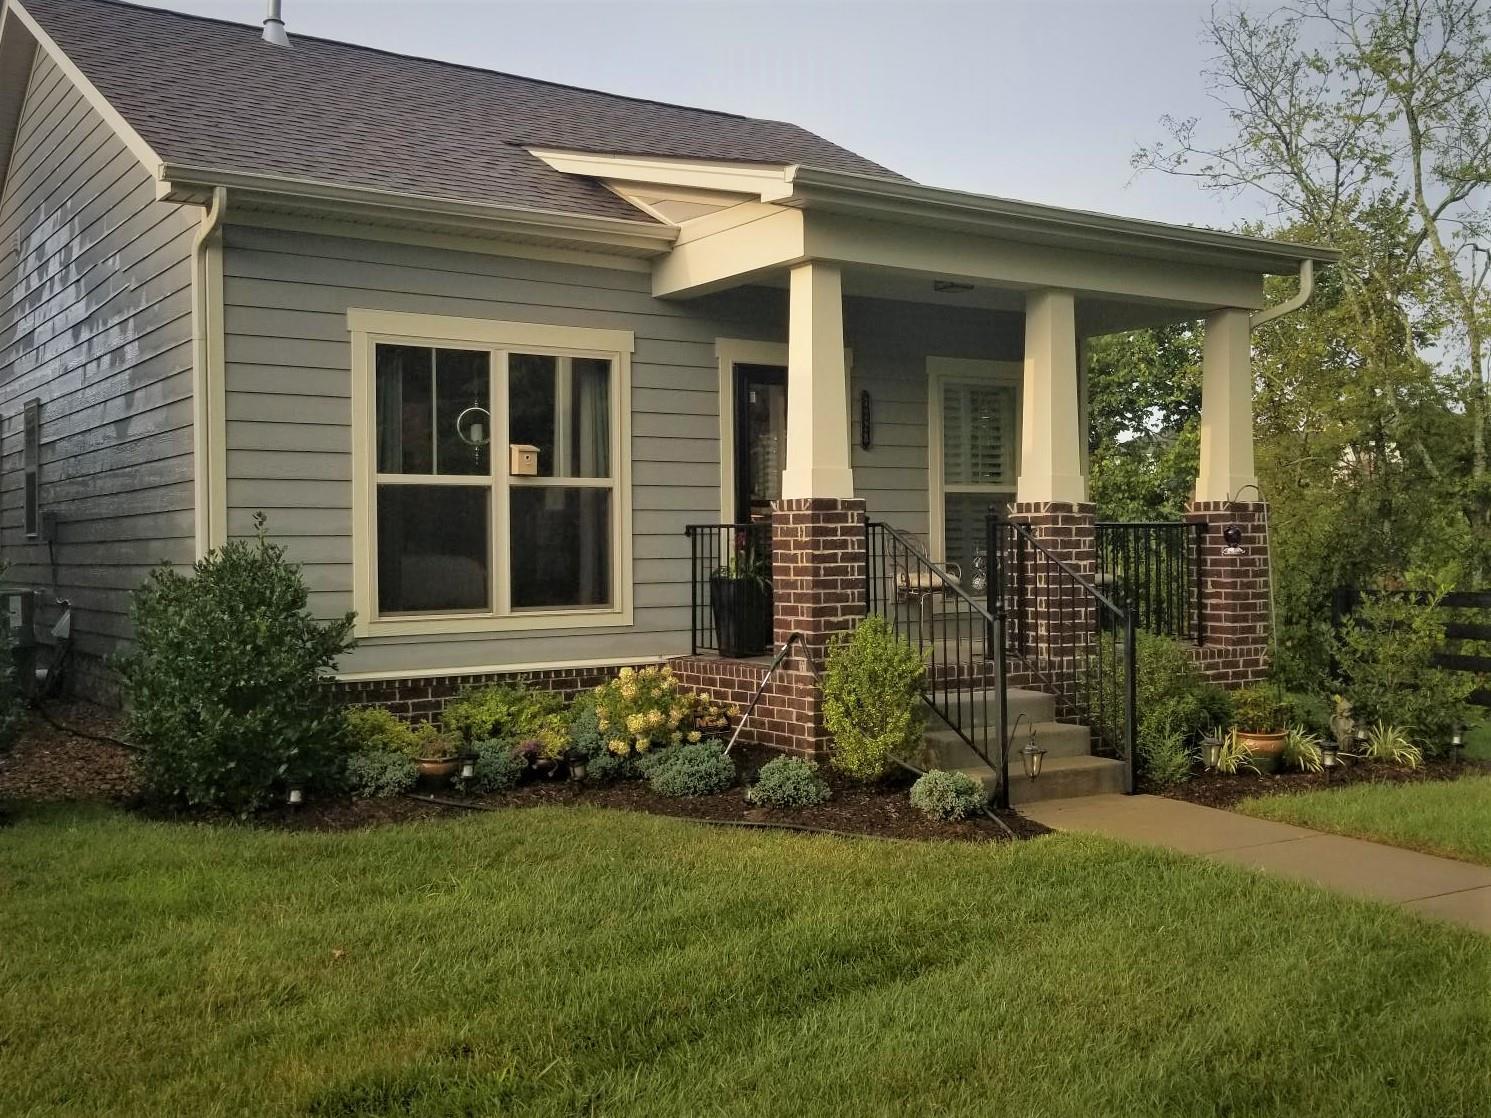 3228 Saltville Aly, Nolensville, TN 37135 - Nolensville, TN real estate listing